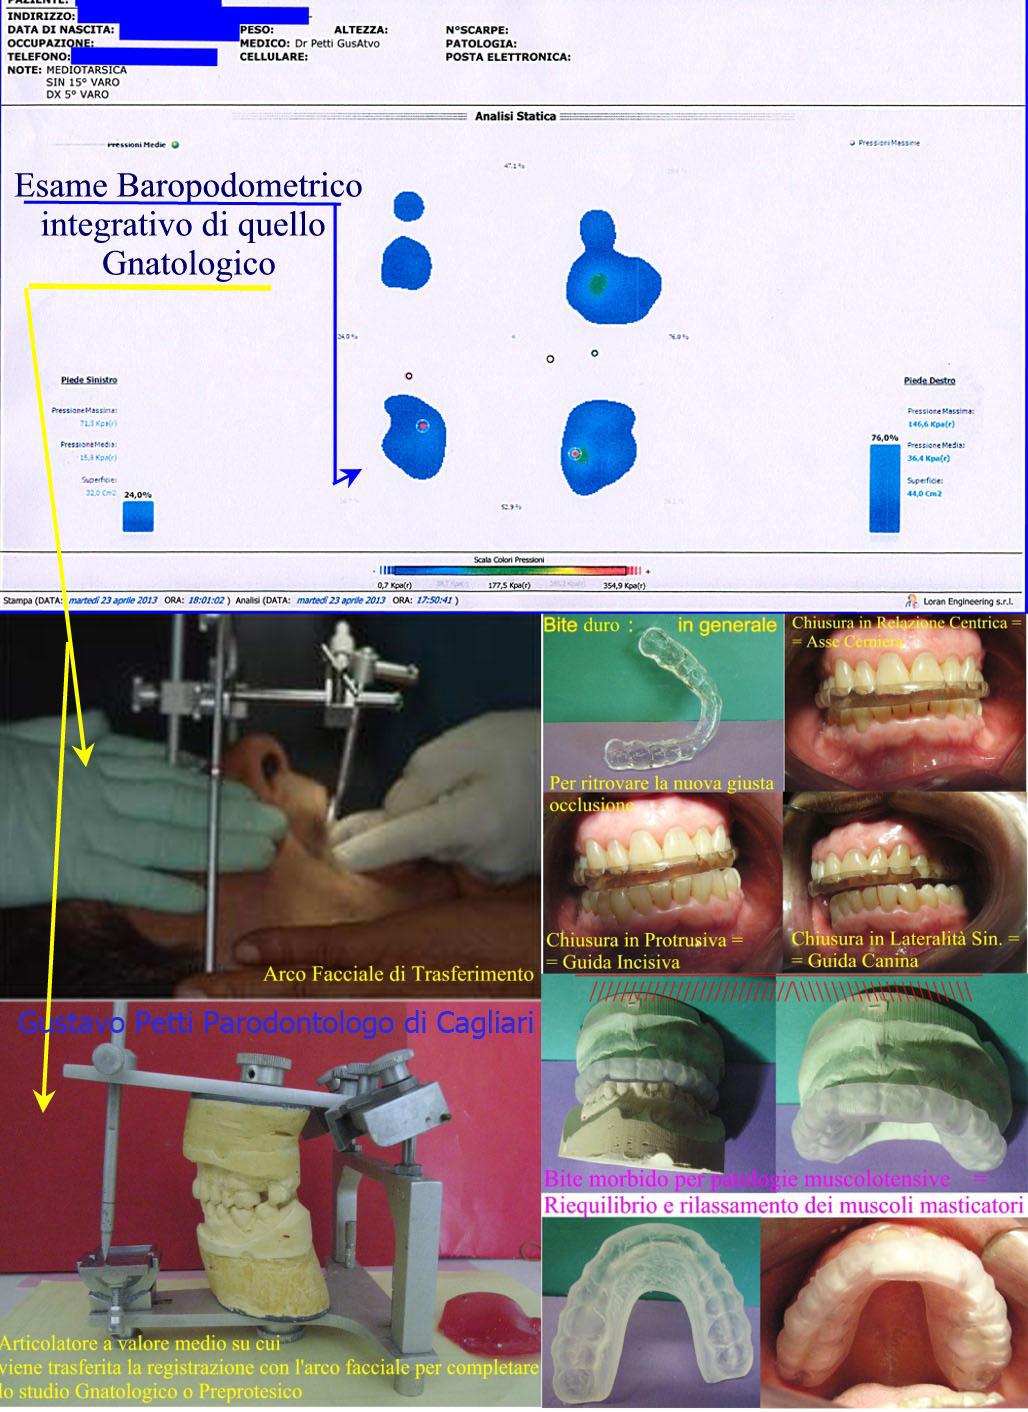 gnatologia-dr-g.petti-cagliari-3.jpg